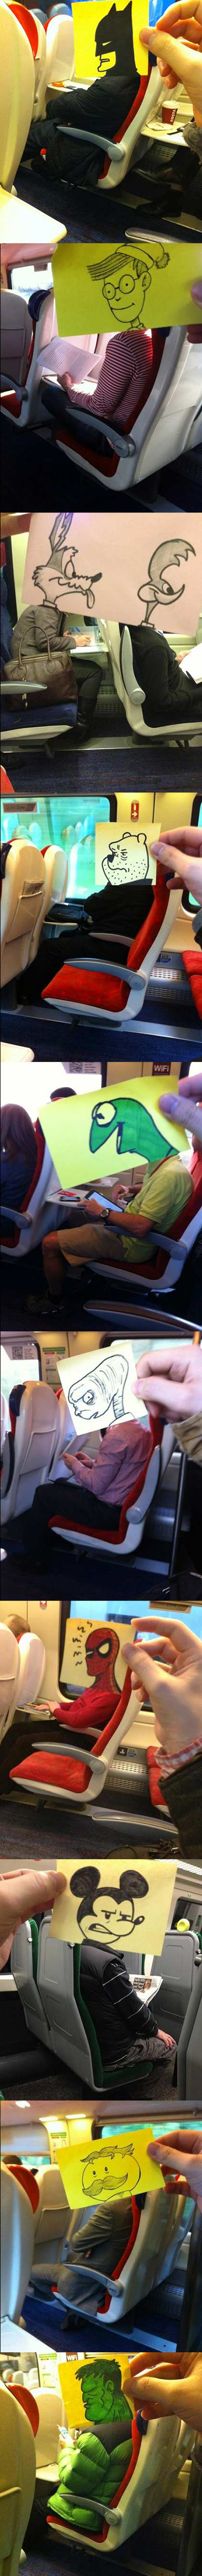 desenhando-no-trem